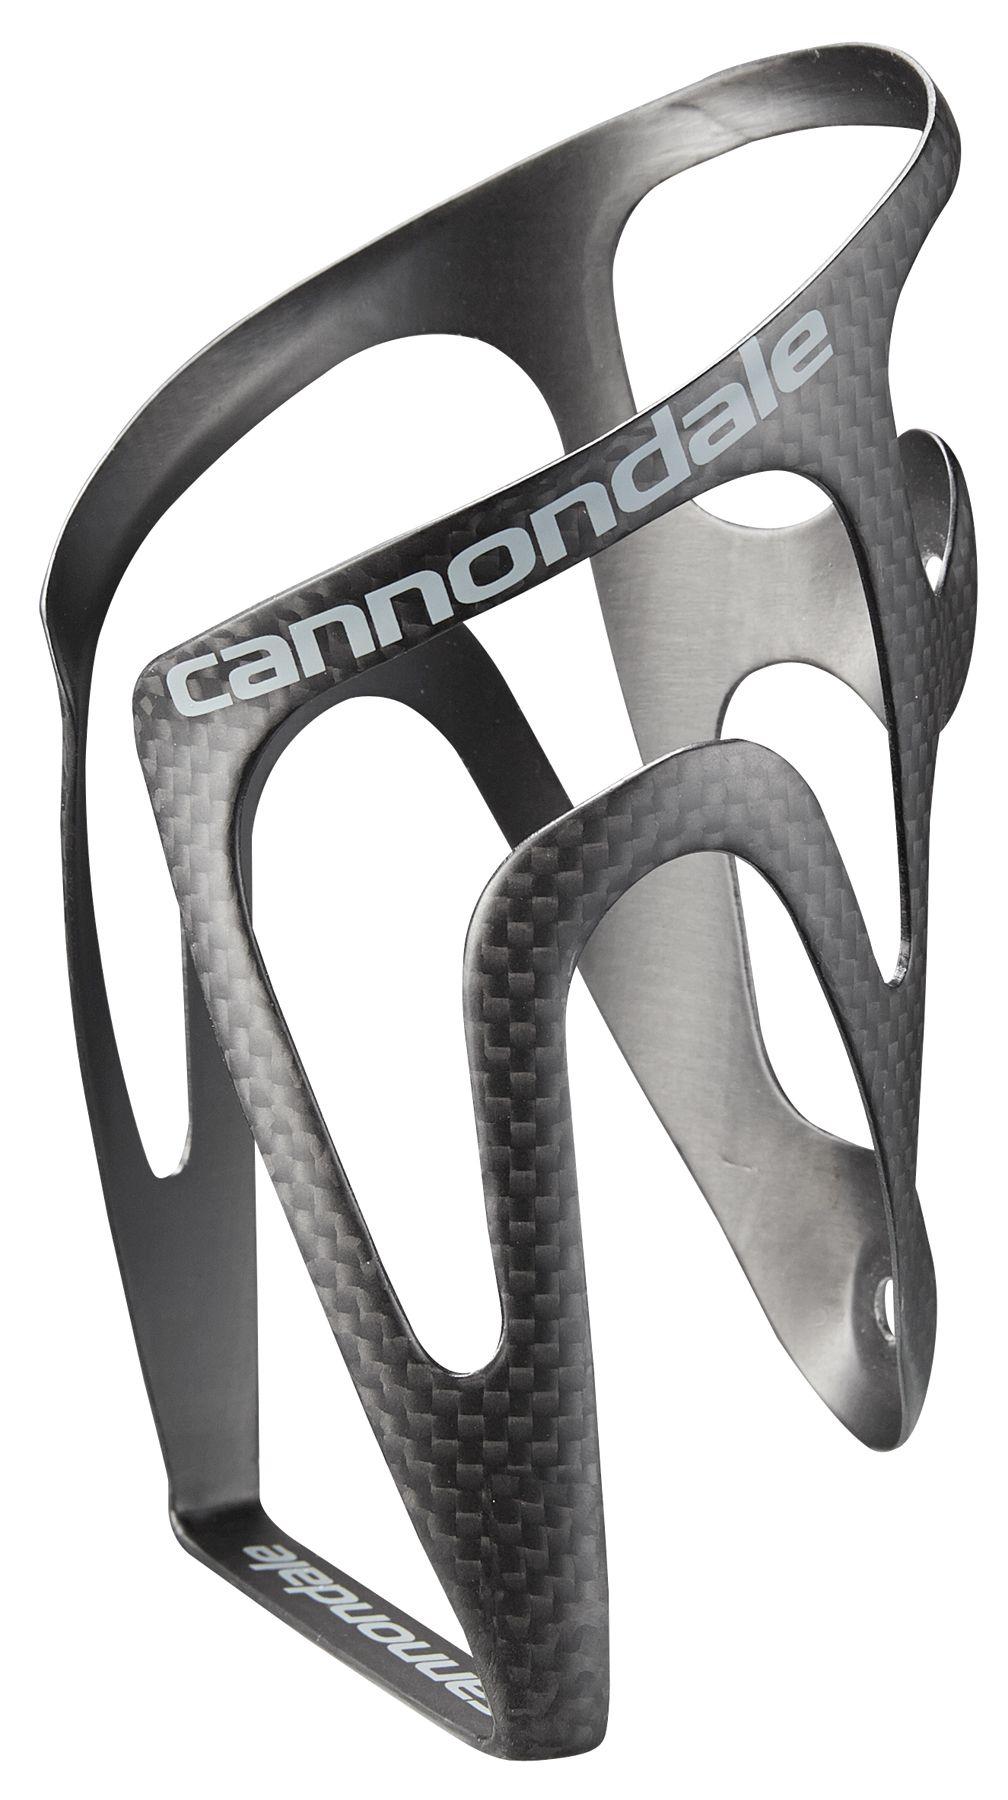 Porte-bidon Cannondale Carbon C-Speed Noir mat BBQ